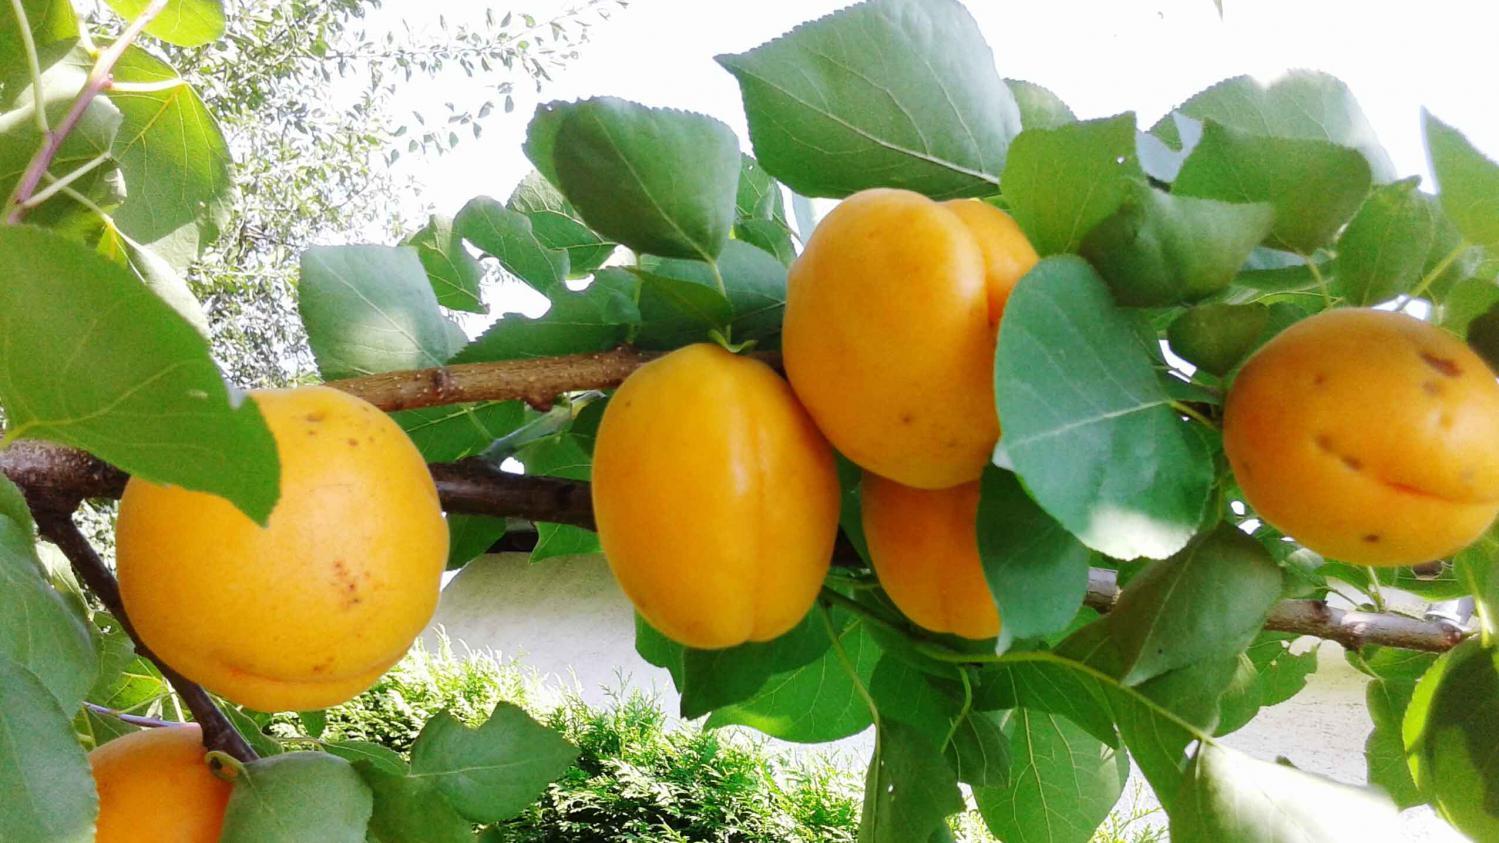 Soigner ses arbres fruitiers et cultiver l 39 oseille - Comment se debarrasser des fourmis sur les arbres fruitiers ...